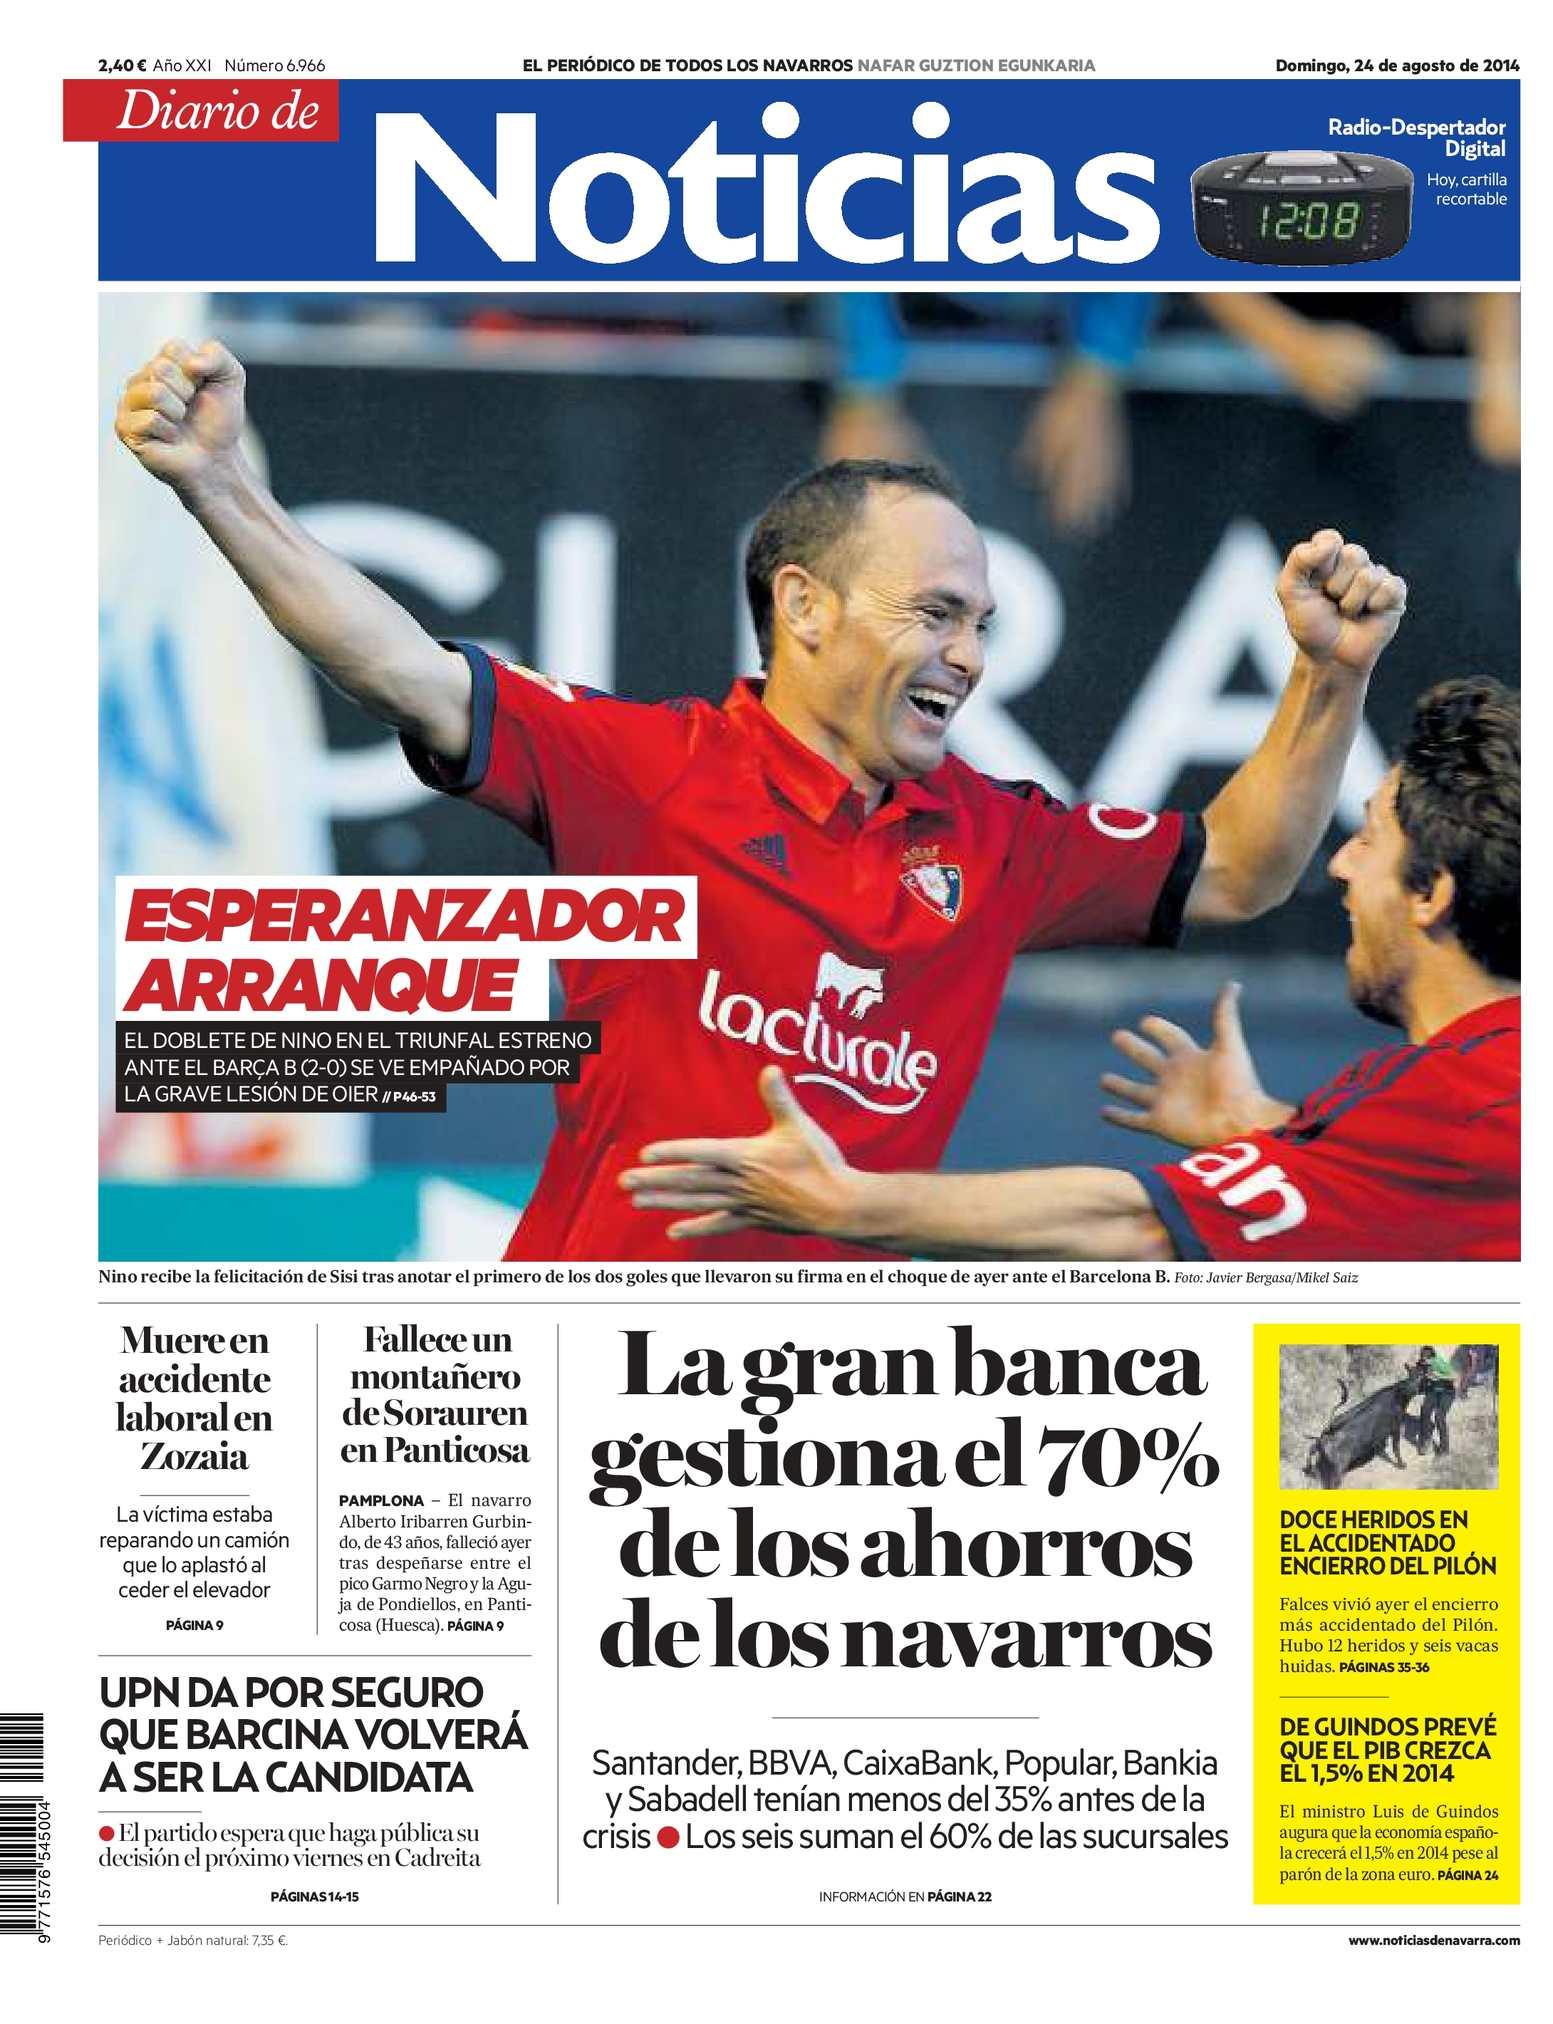 Calaméo - Diario de Noticias 20140824 991959152a713